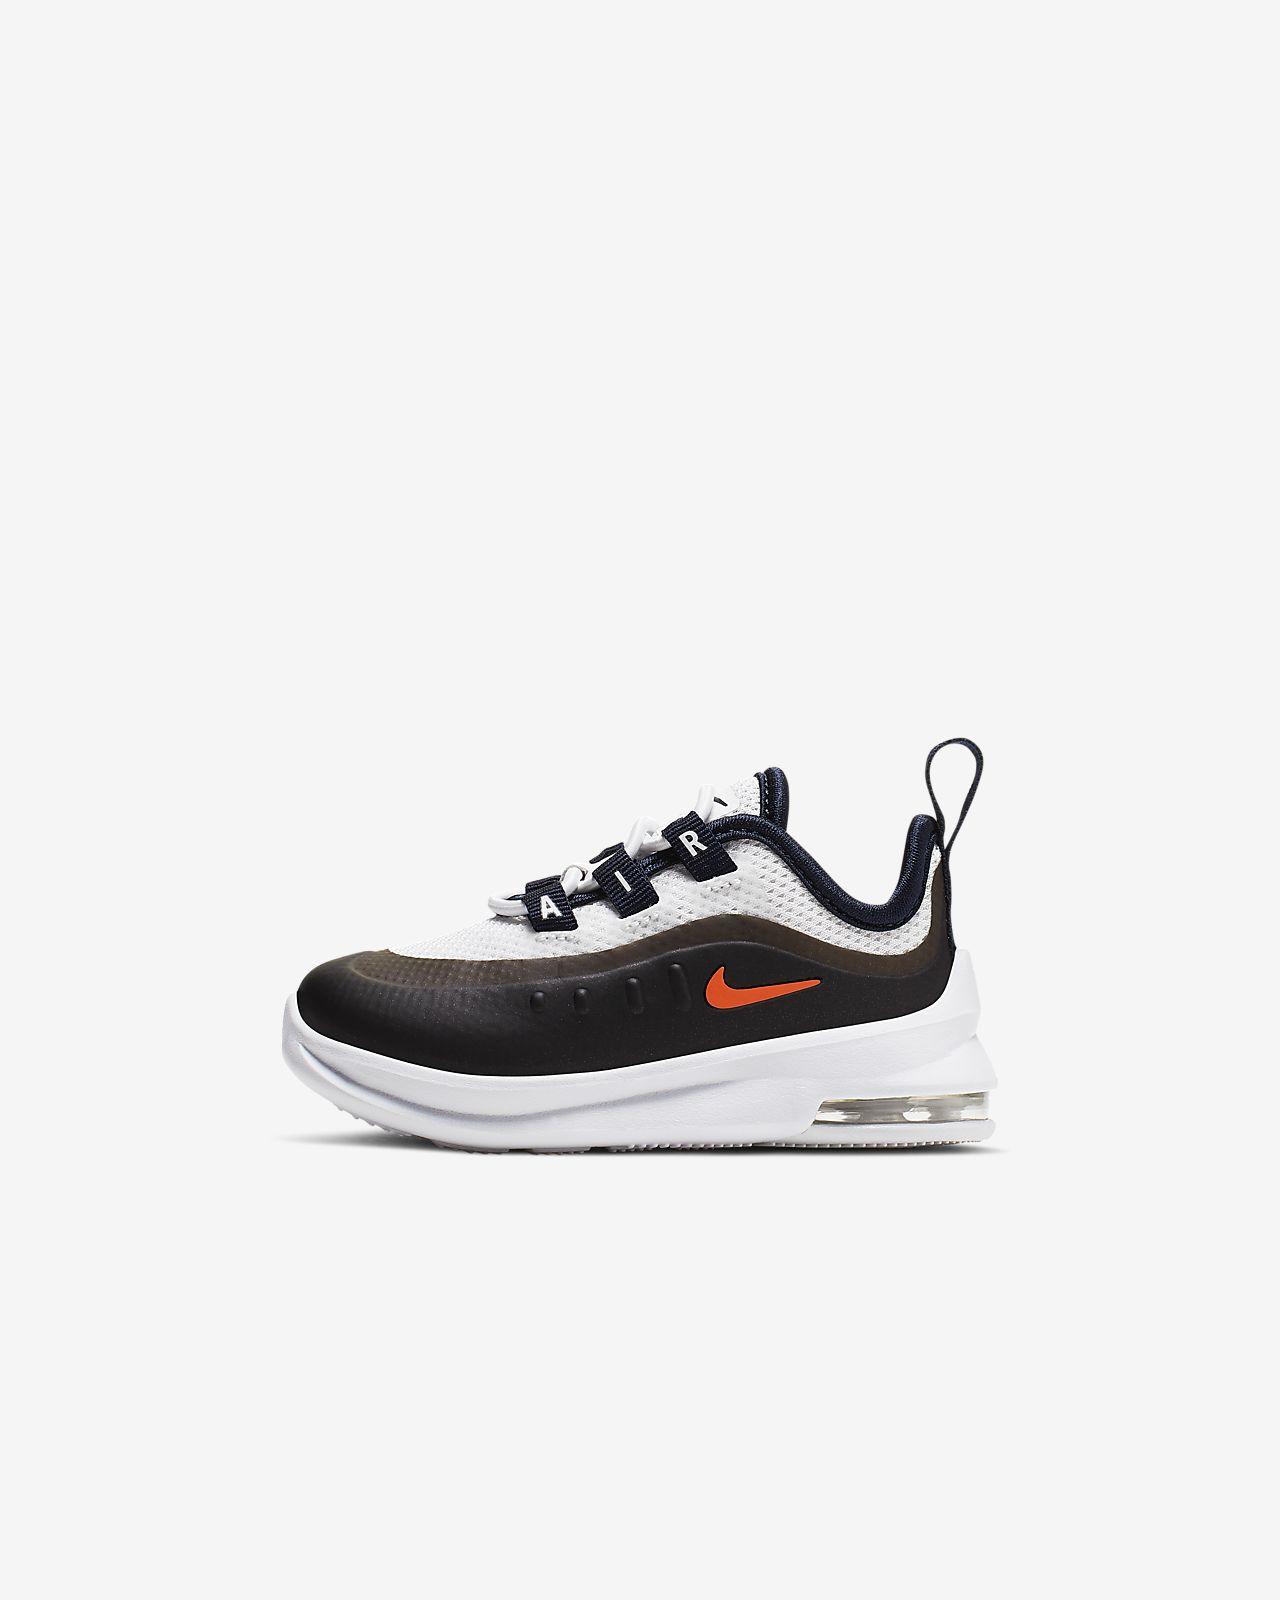 new concept a030d 15b6d ... Chaussure Nike Air Max Axis pour Bébé Petit enfant